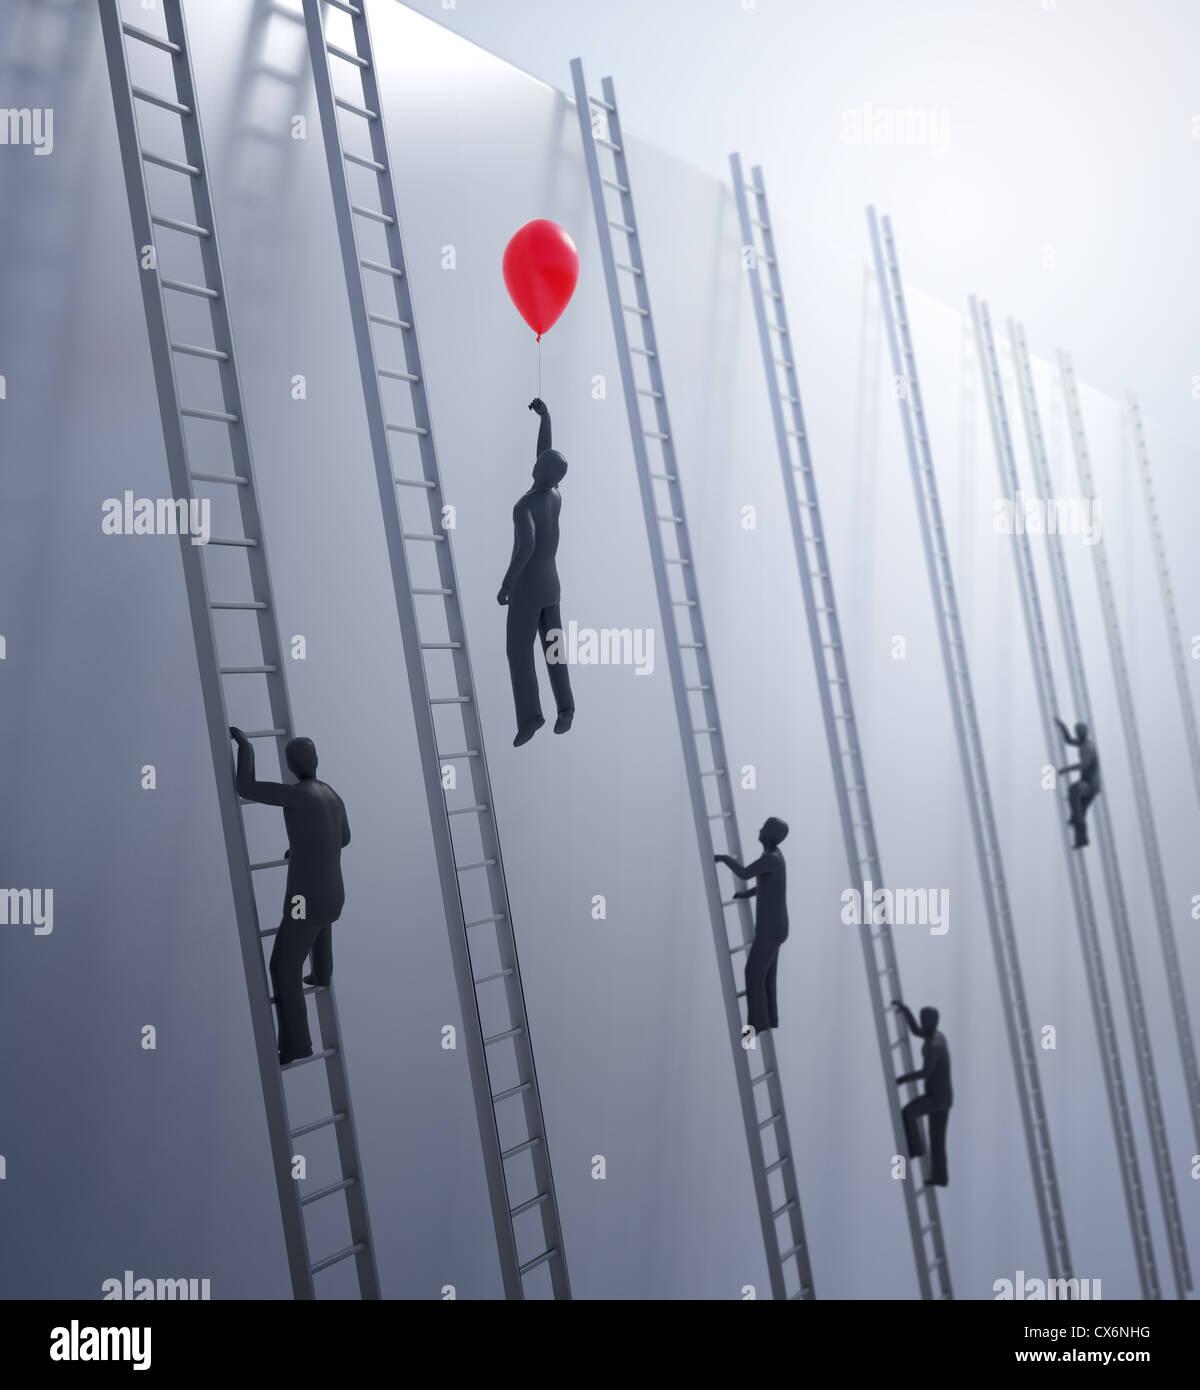 Petit résumé personnes grimper aux échelles - innovation et avantage en concept d'entreprise Photo Stock